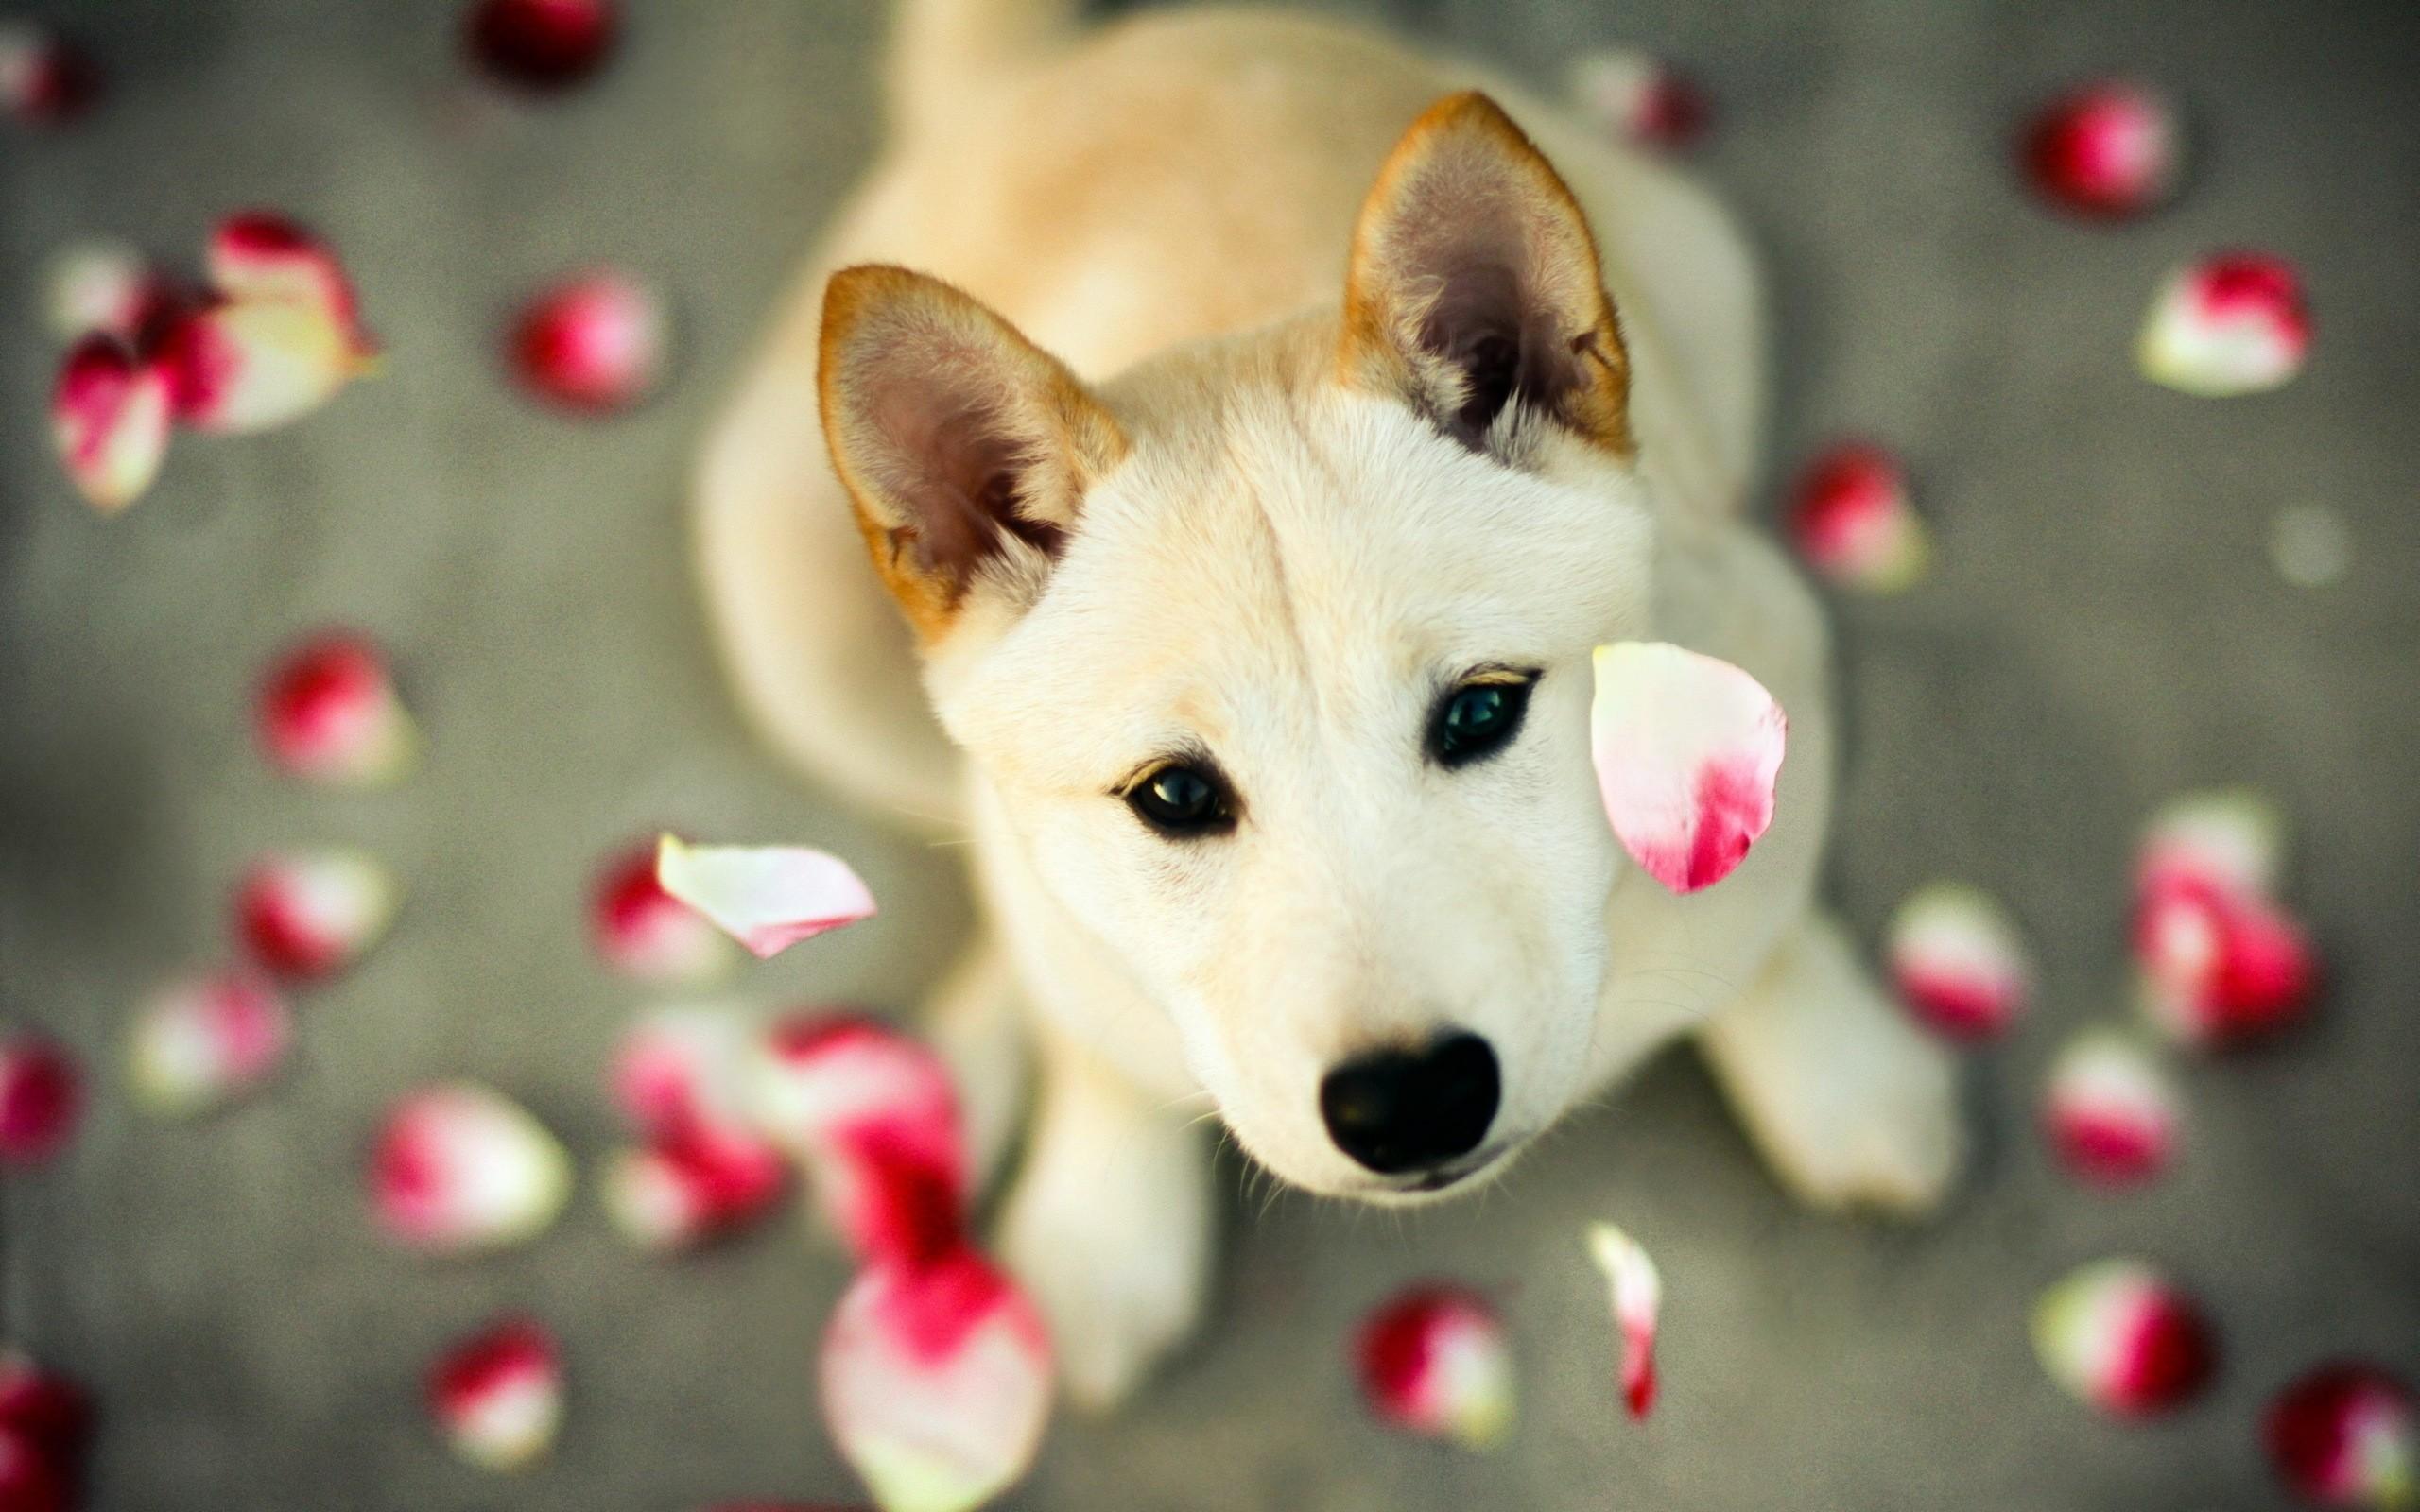 Cute Dog with Petals, Husky Dog with rose petals.